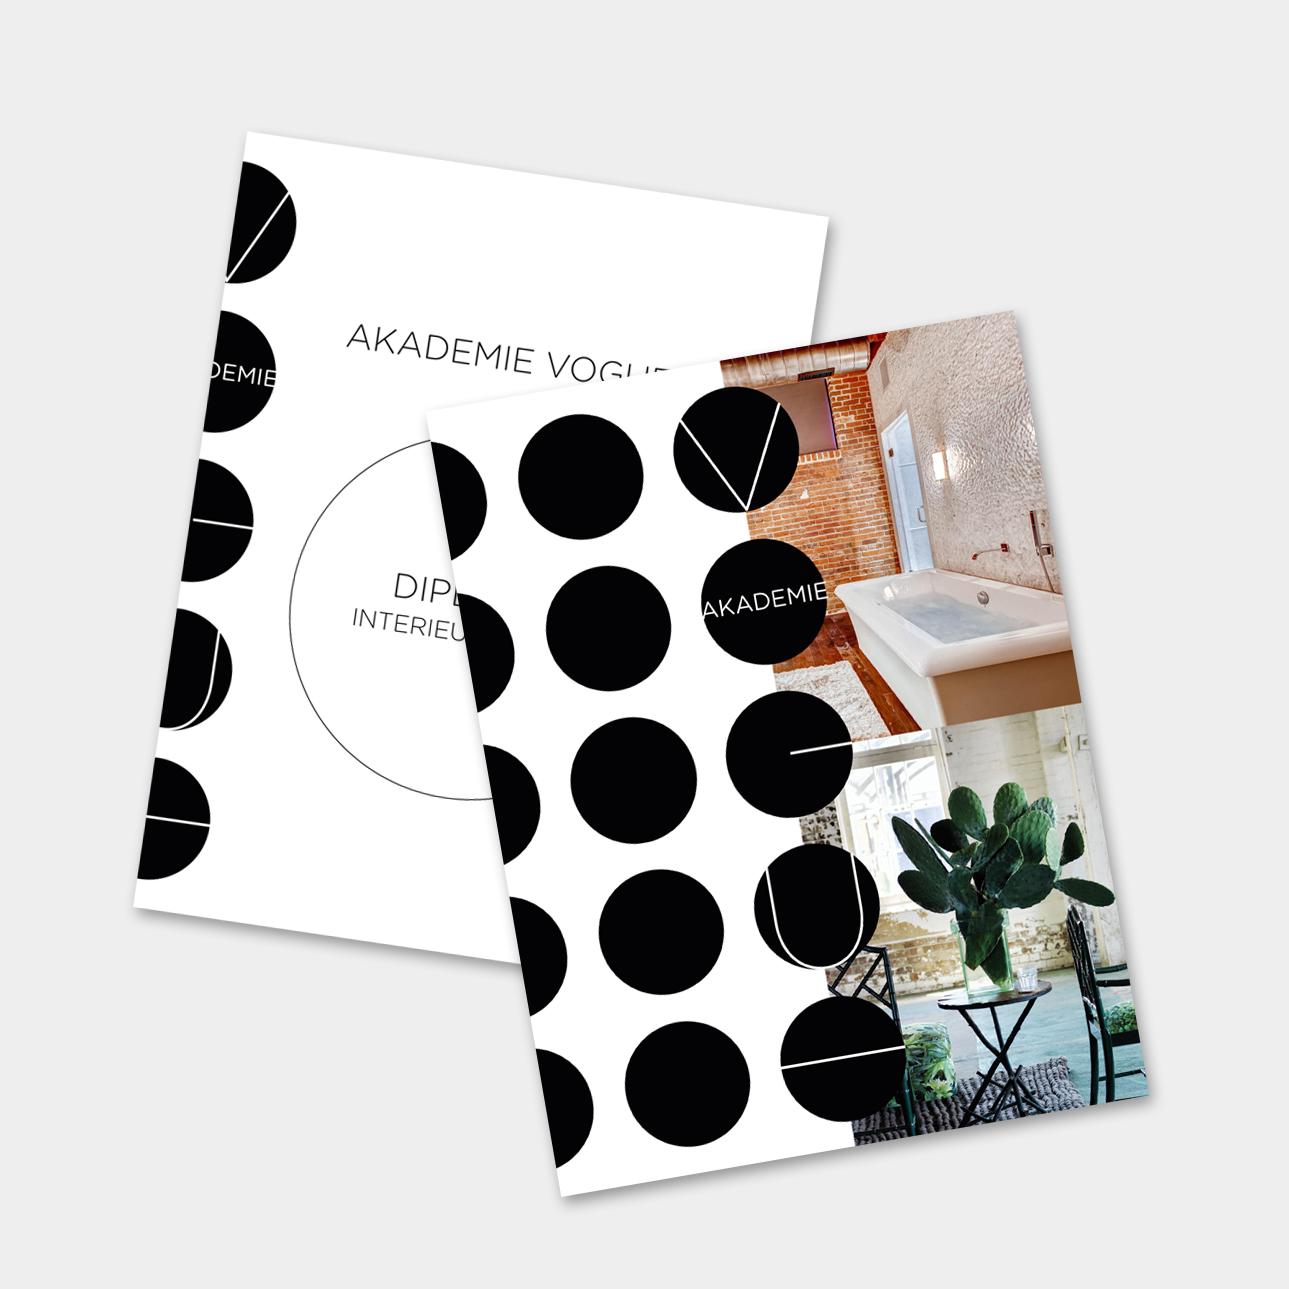 akademie-vogue-diploma-magazine